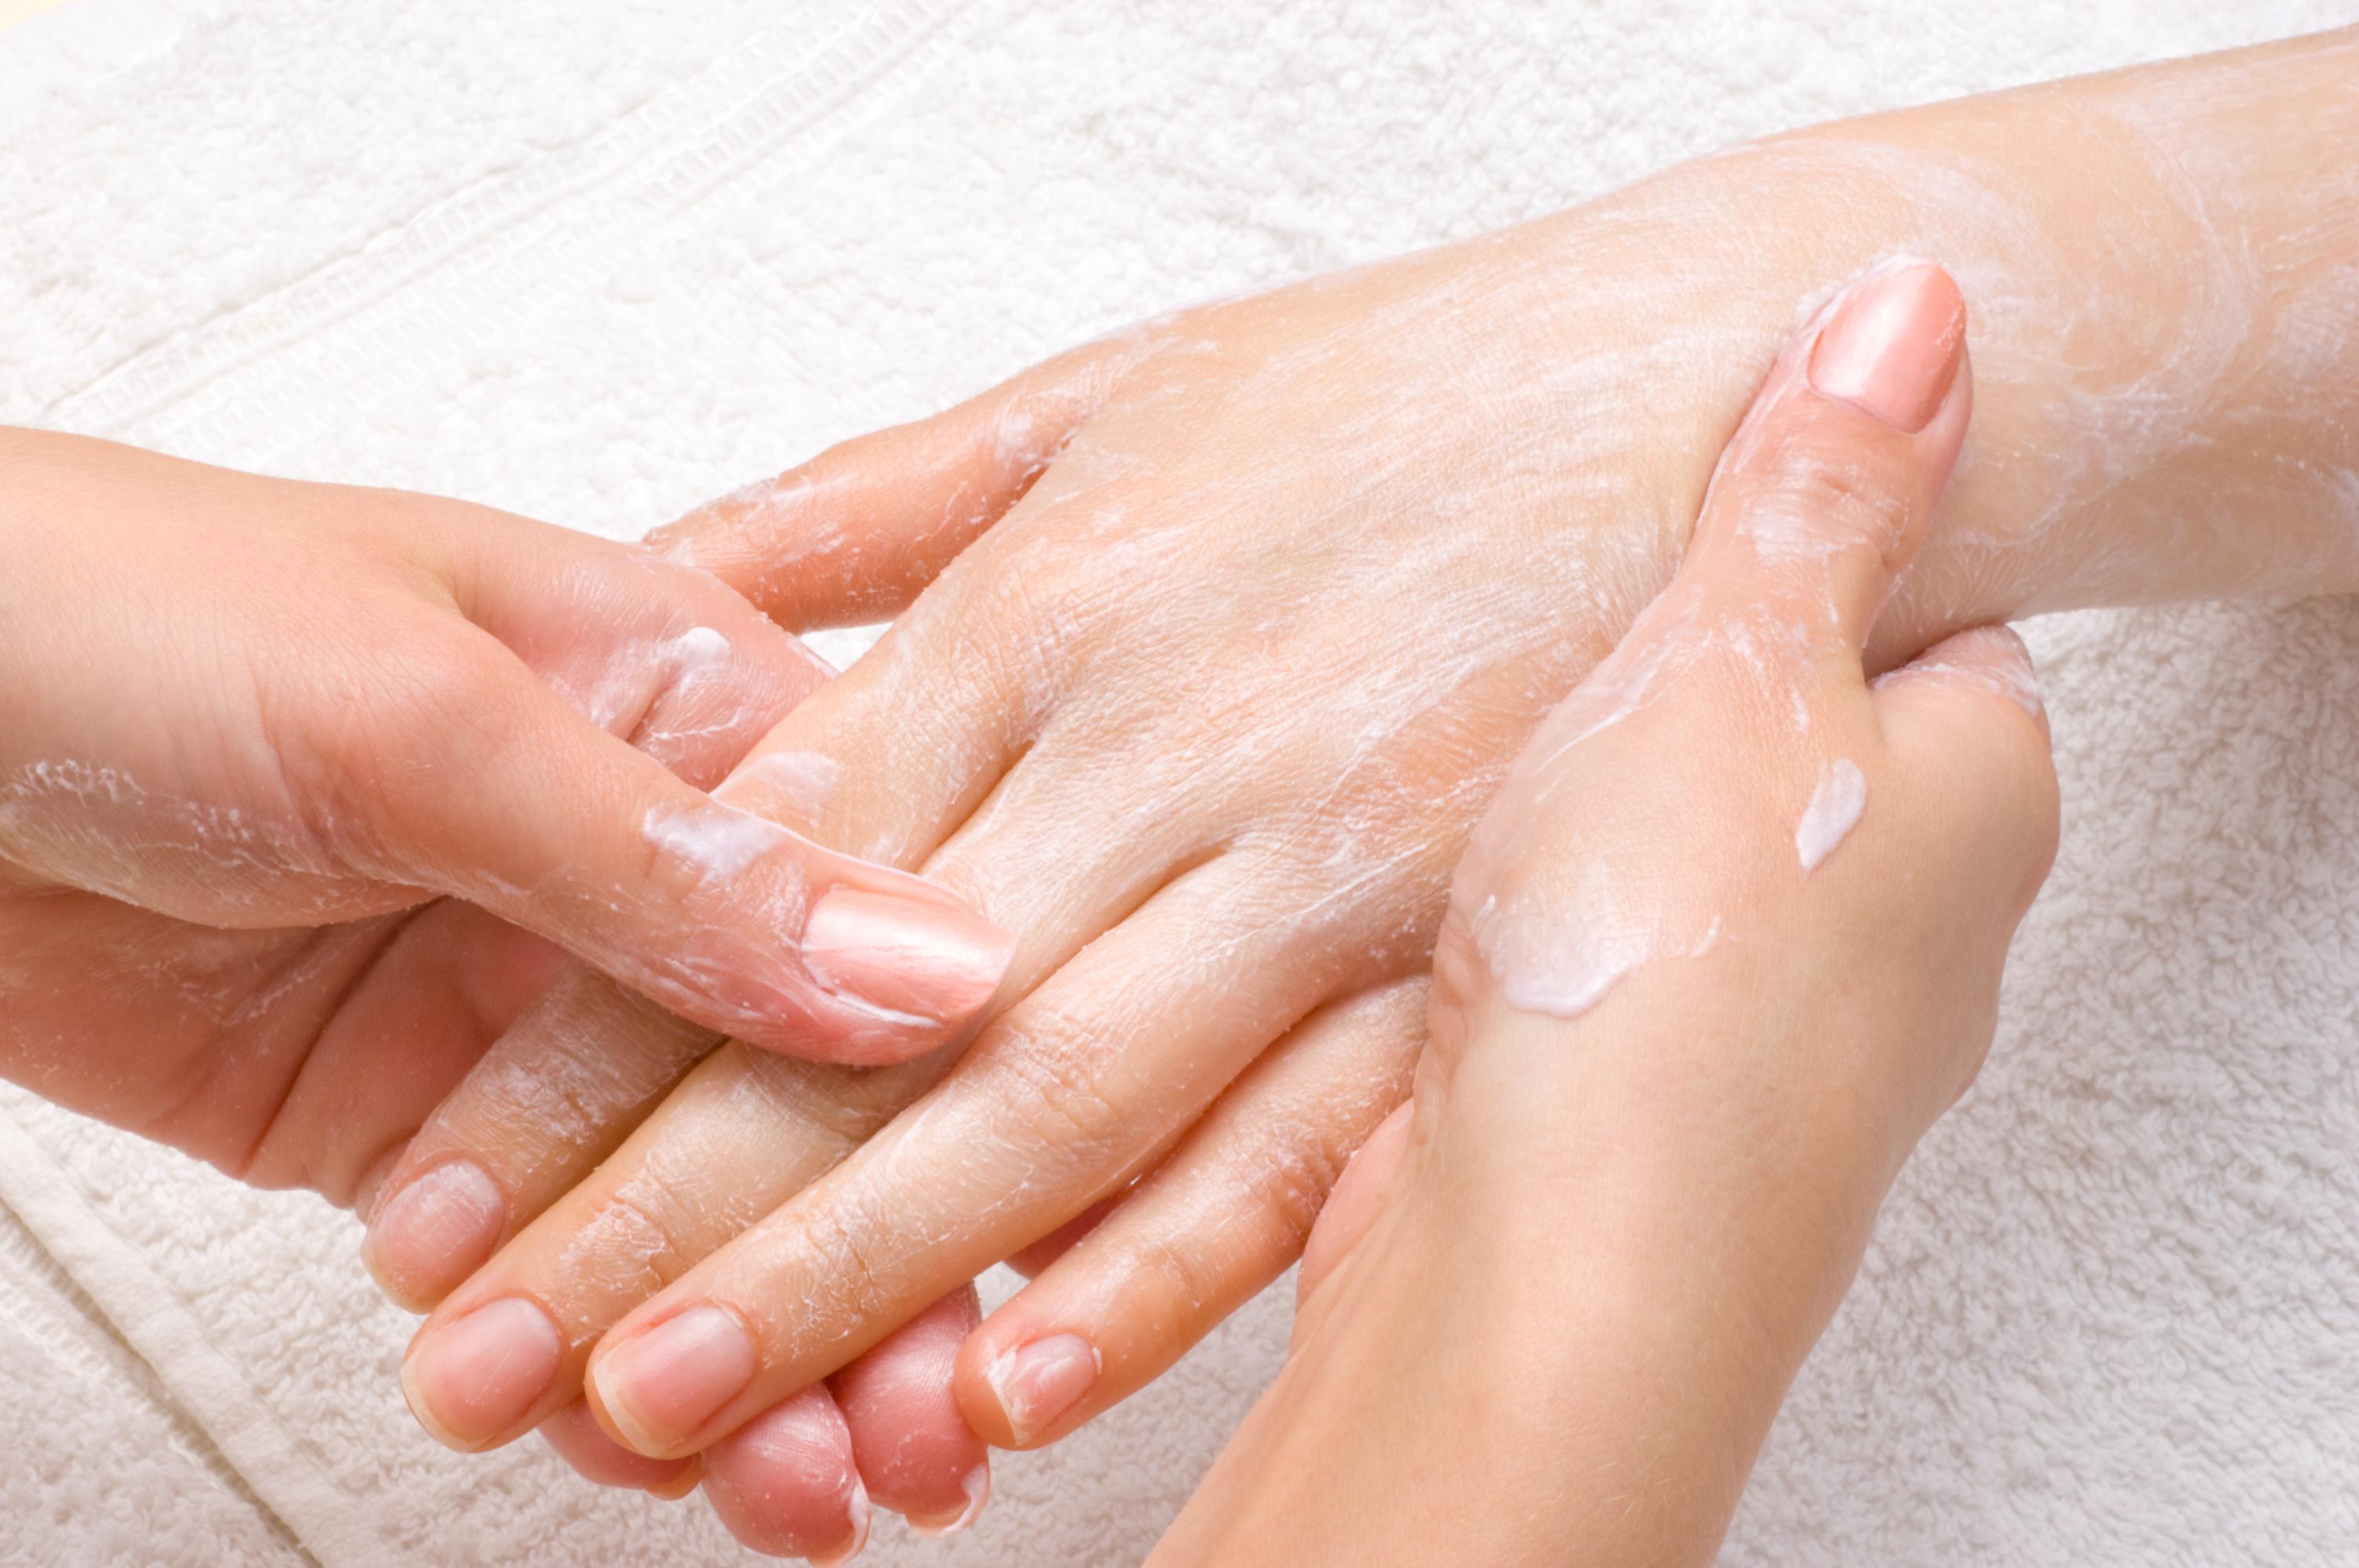 وصفات طبيعية لترطيب اليدين (2)